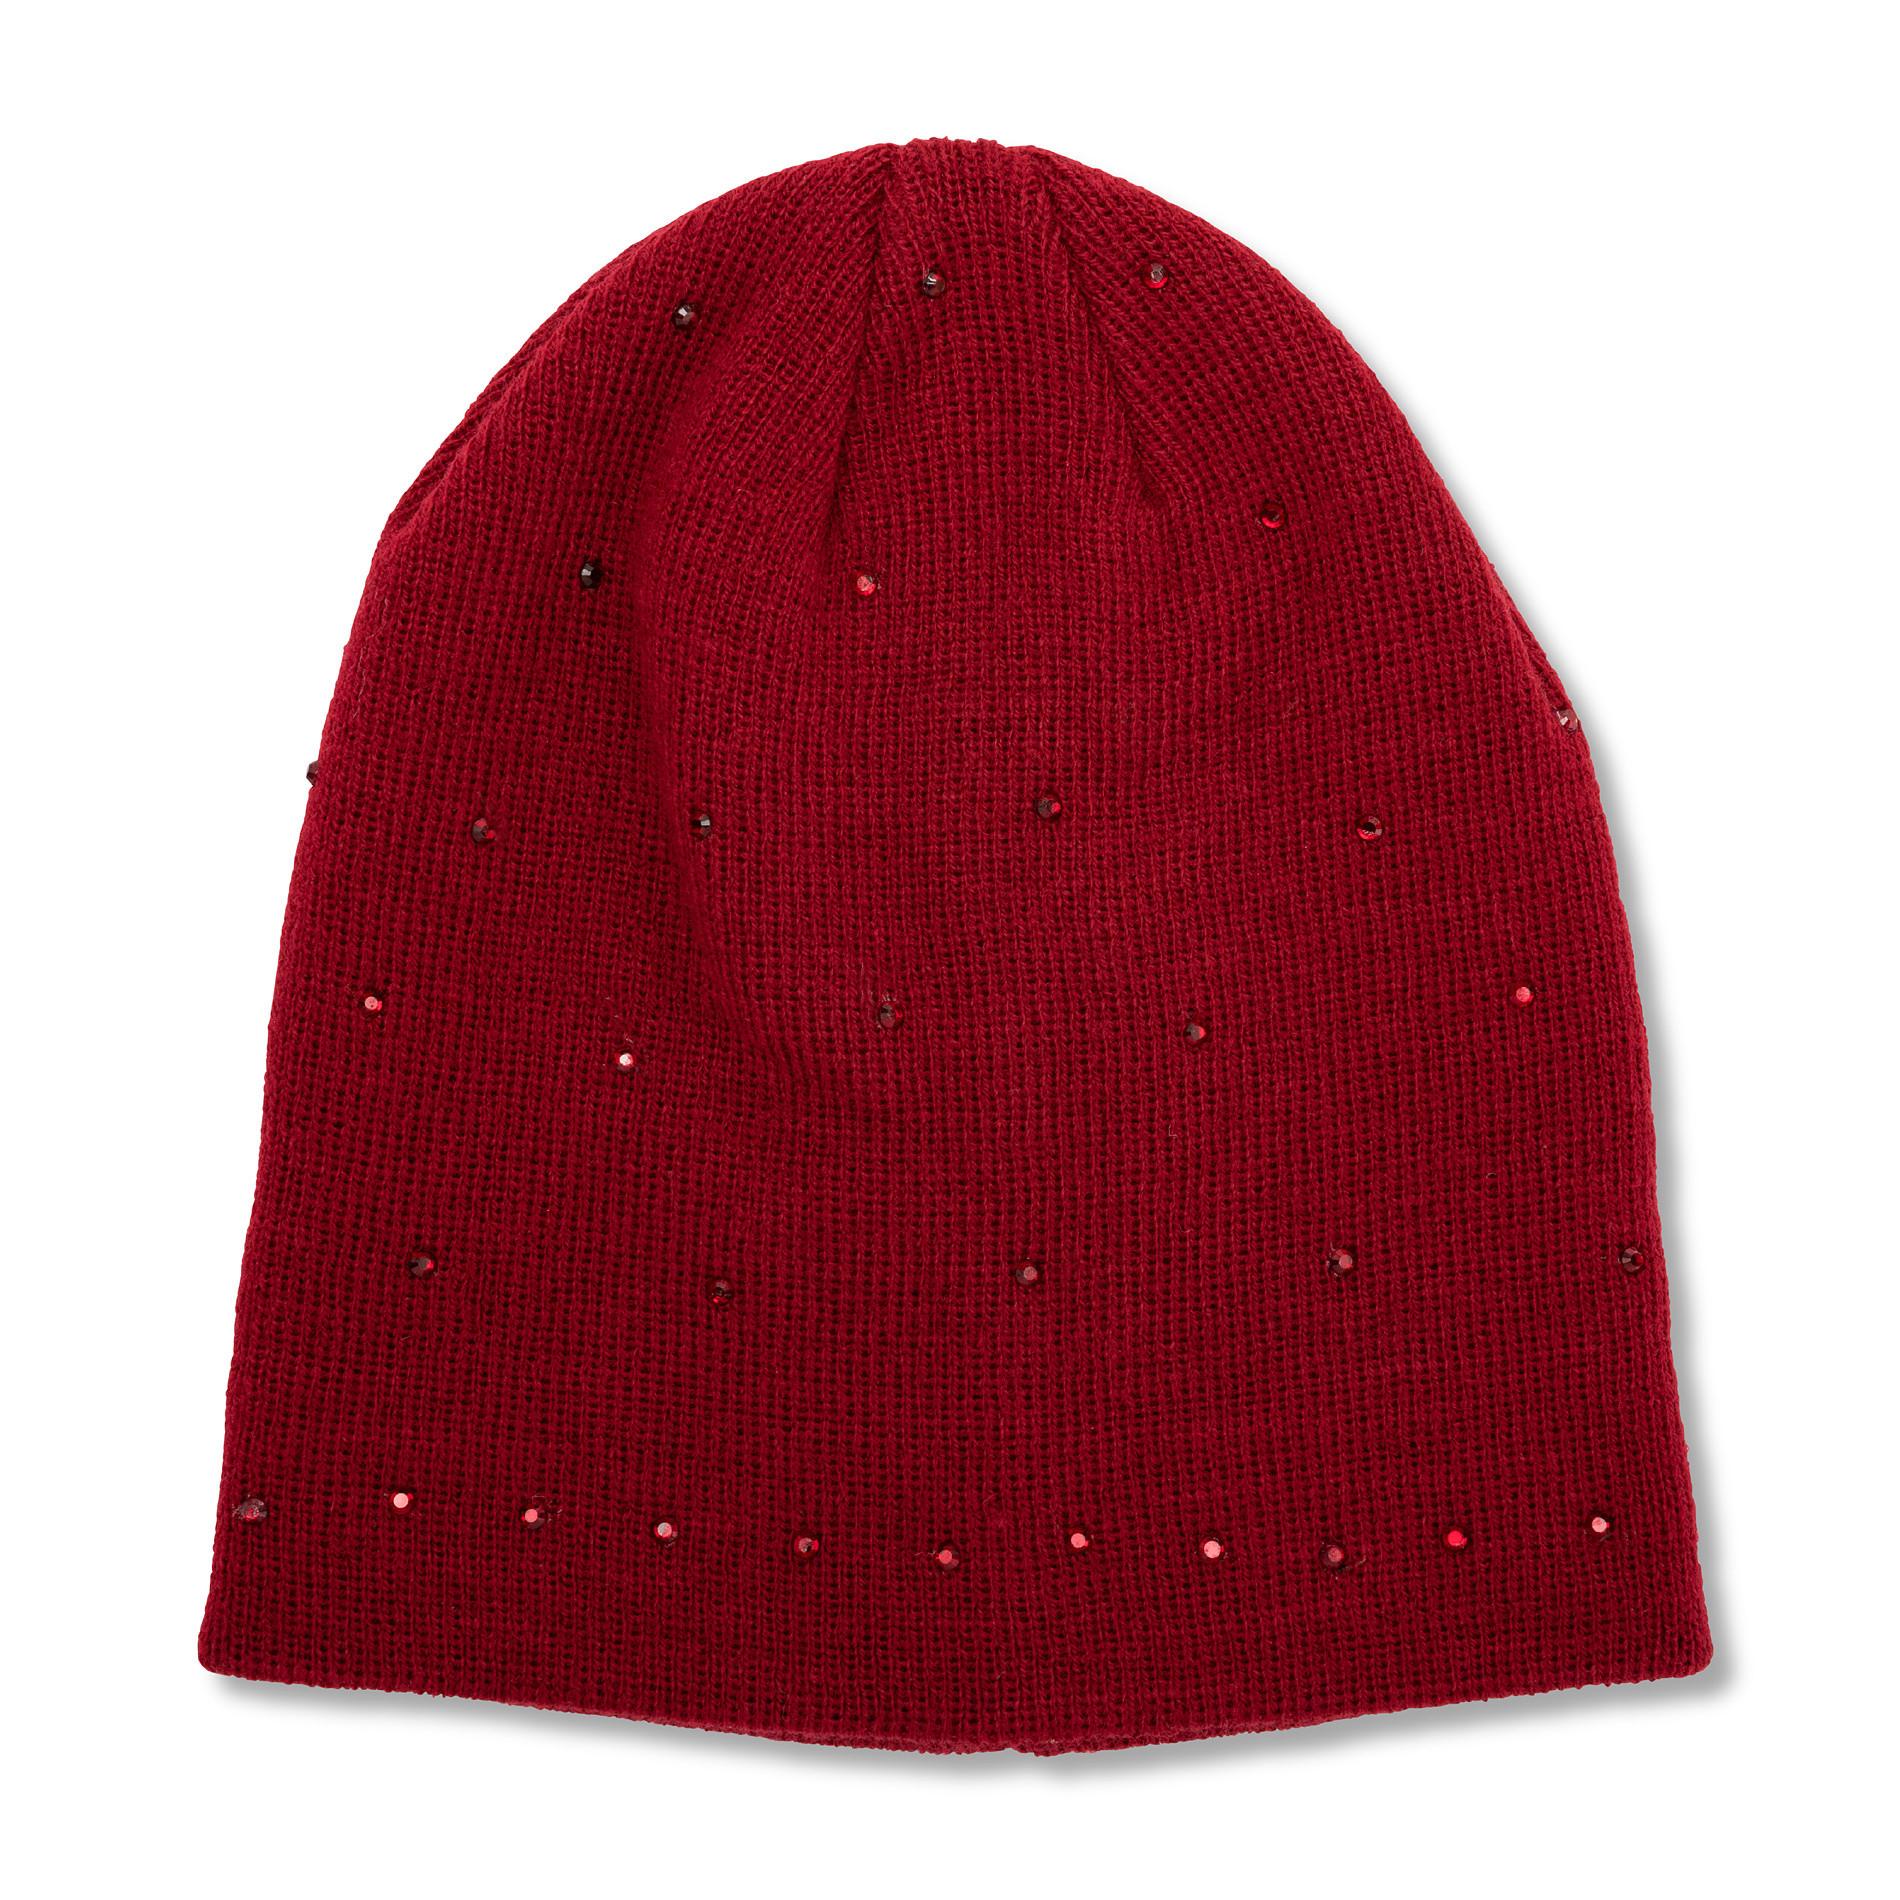 Berretto con strass Koan, Rosso scuro, large image number 0